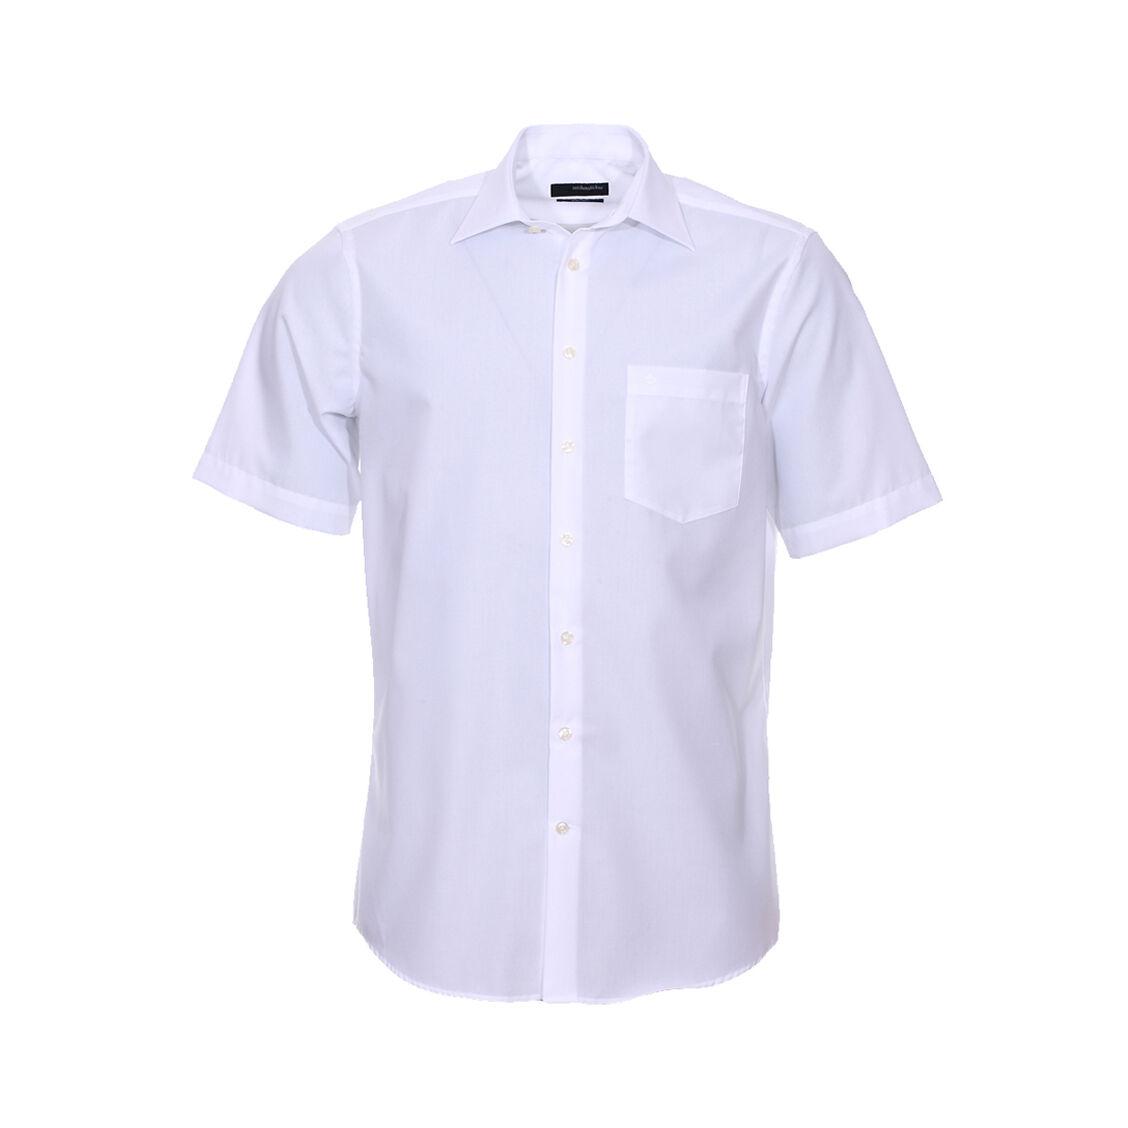 Seidensticker Chemisette droite Seidensticker unie blanche Sans repassage - BLANC - 48